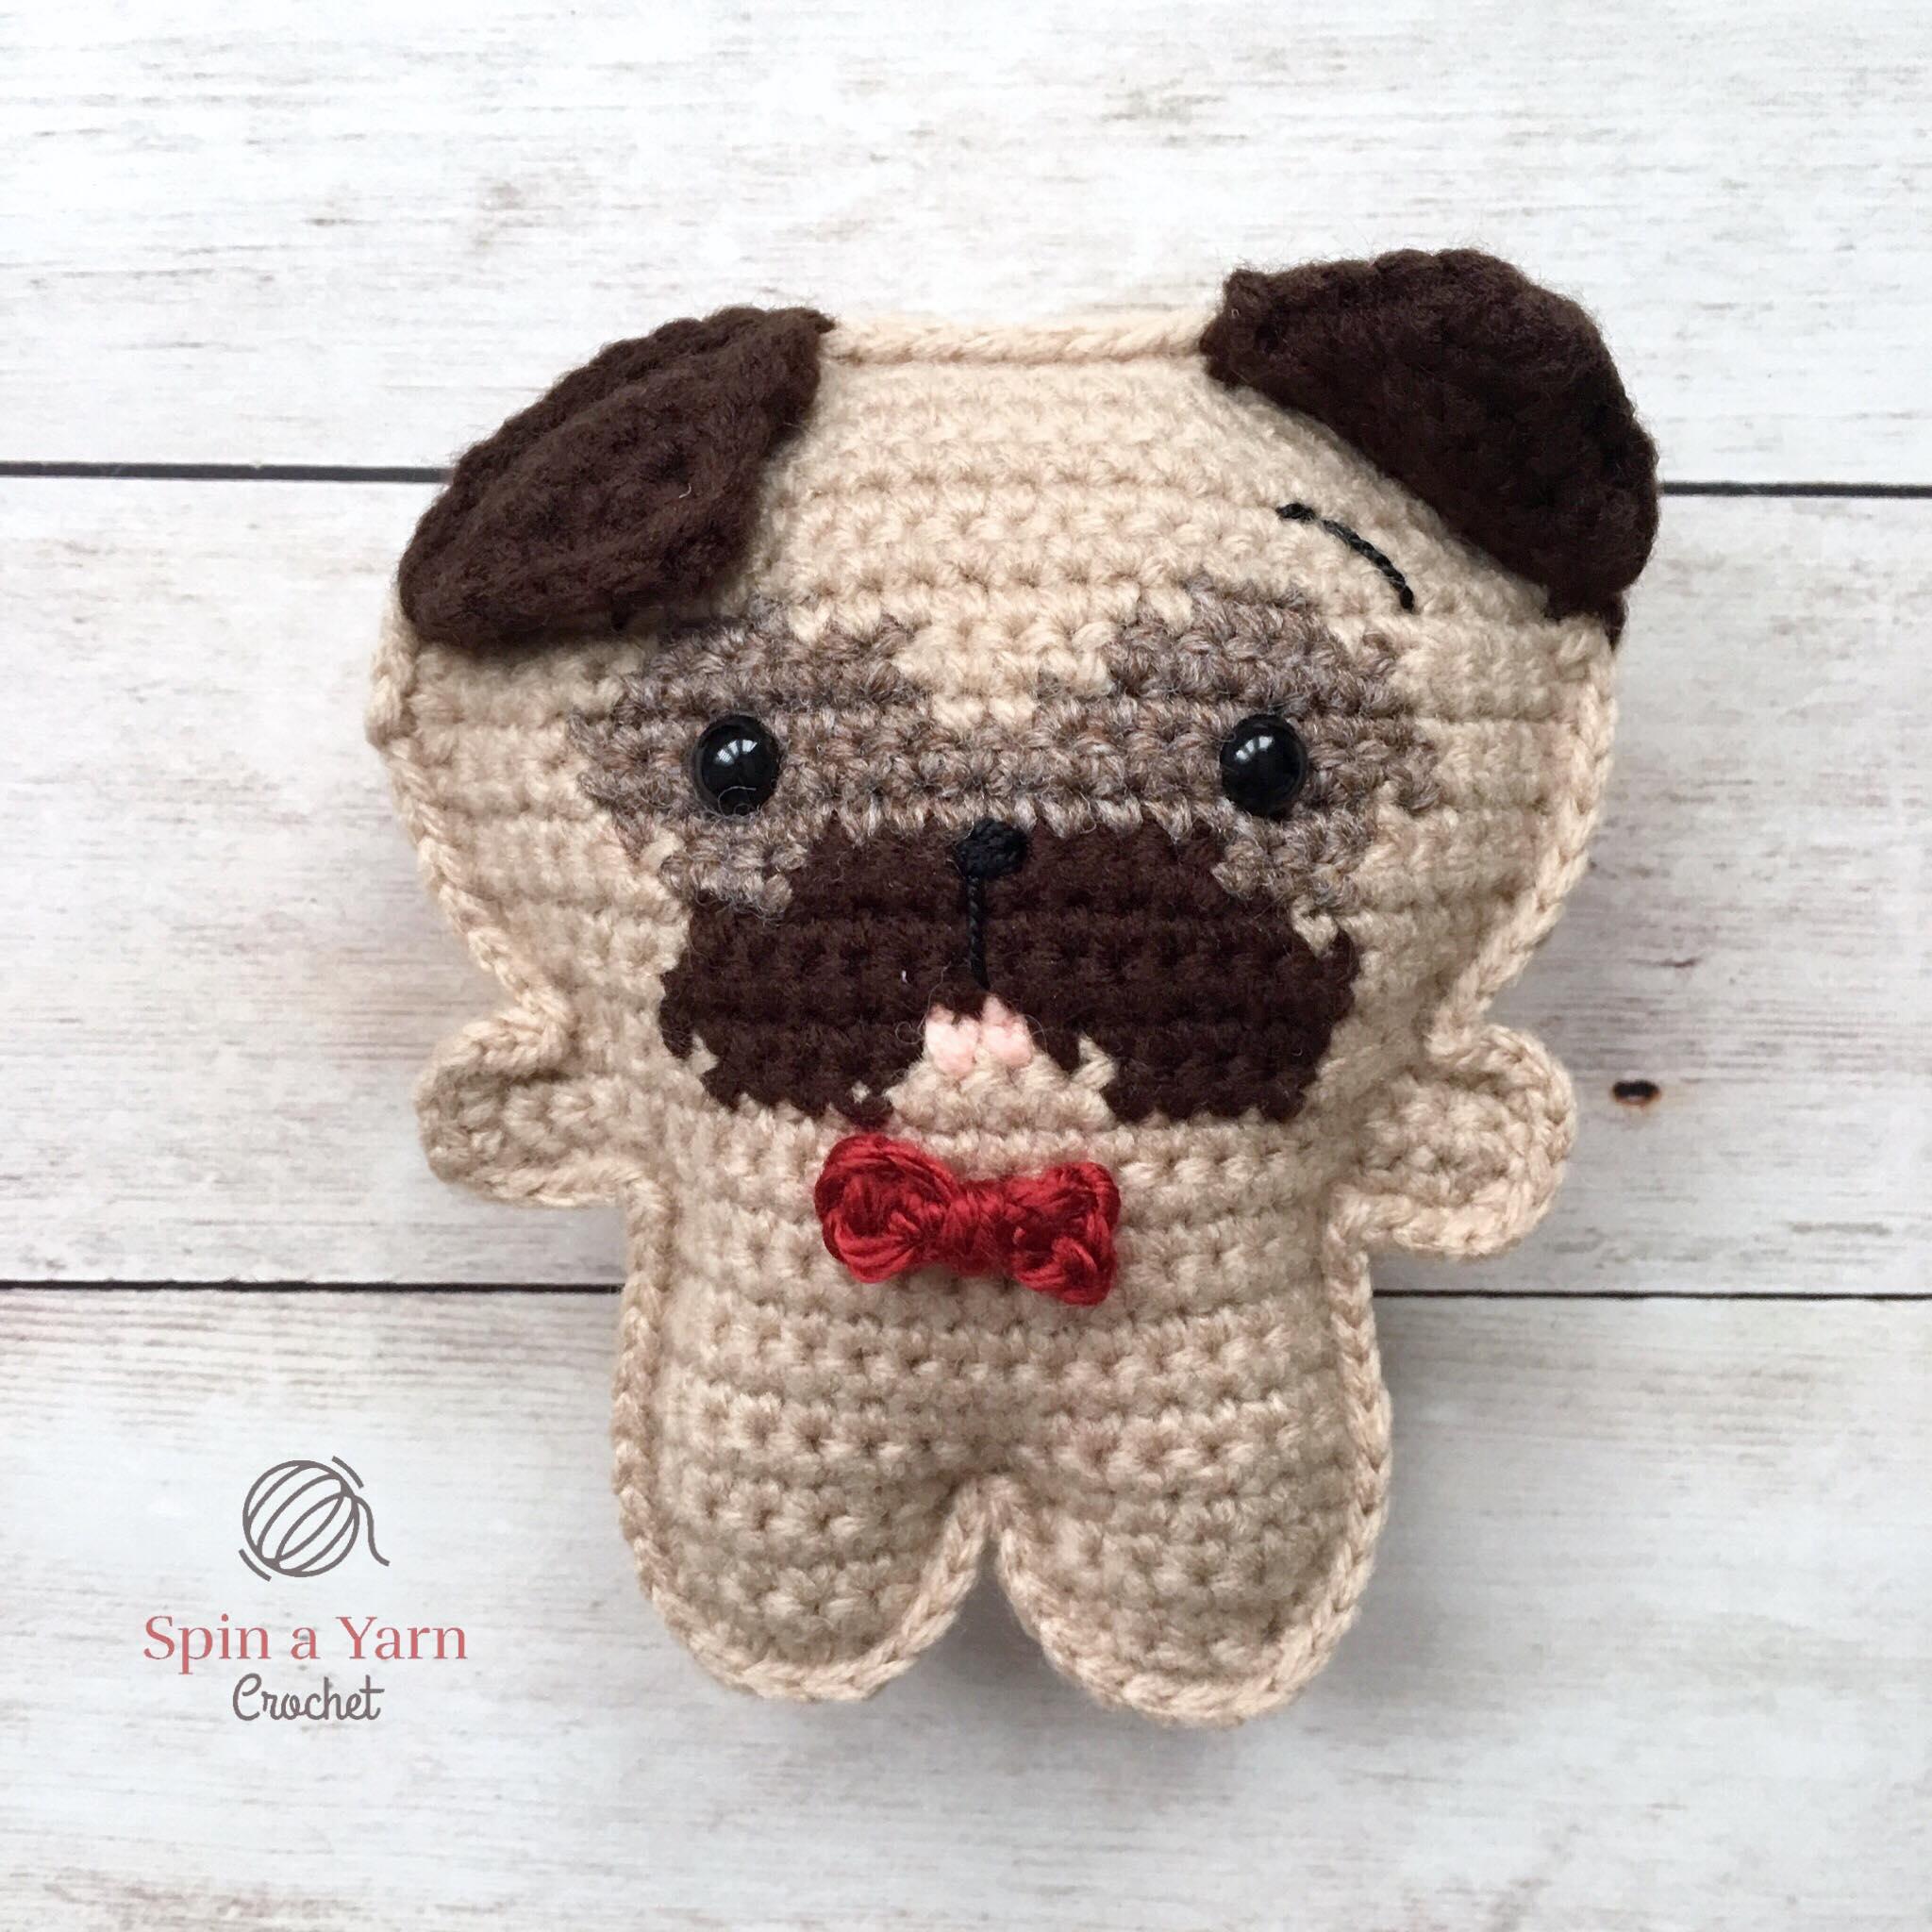 Handmade Crochet Keychain Pug Amigurumi Toy 3.5